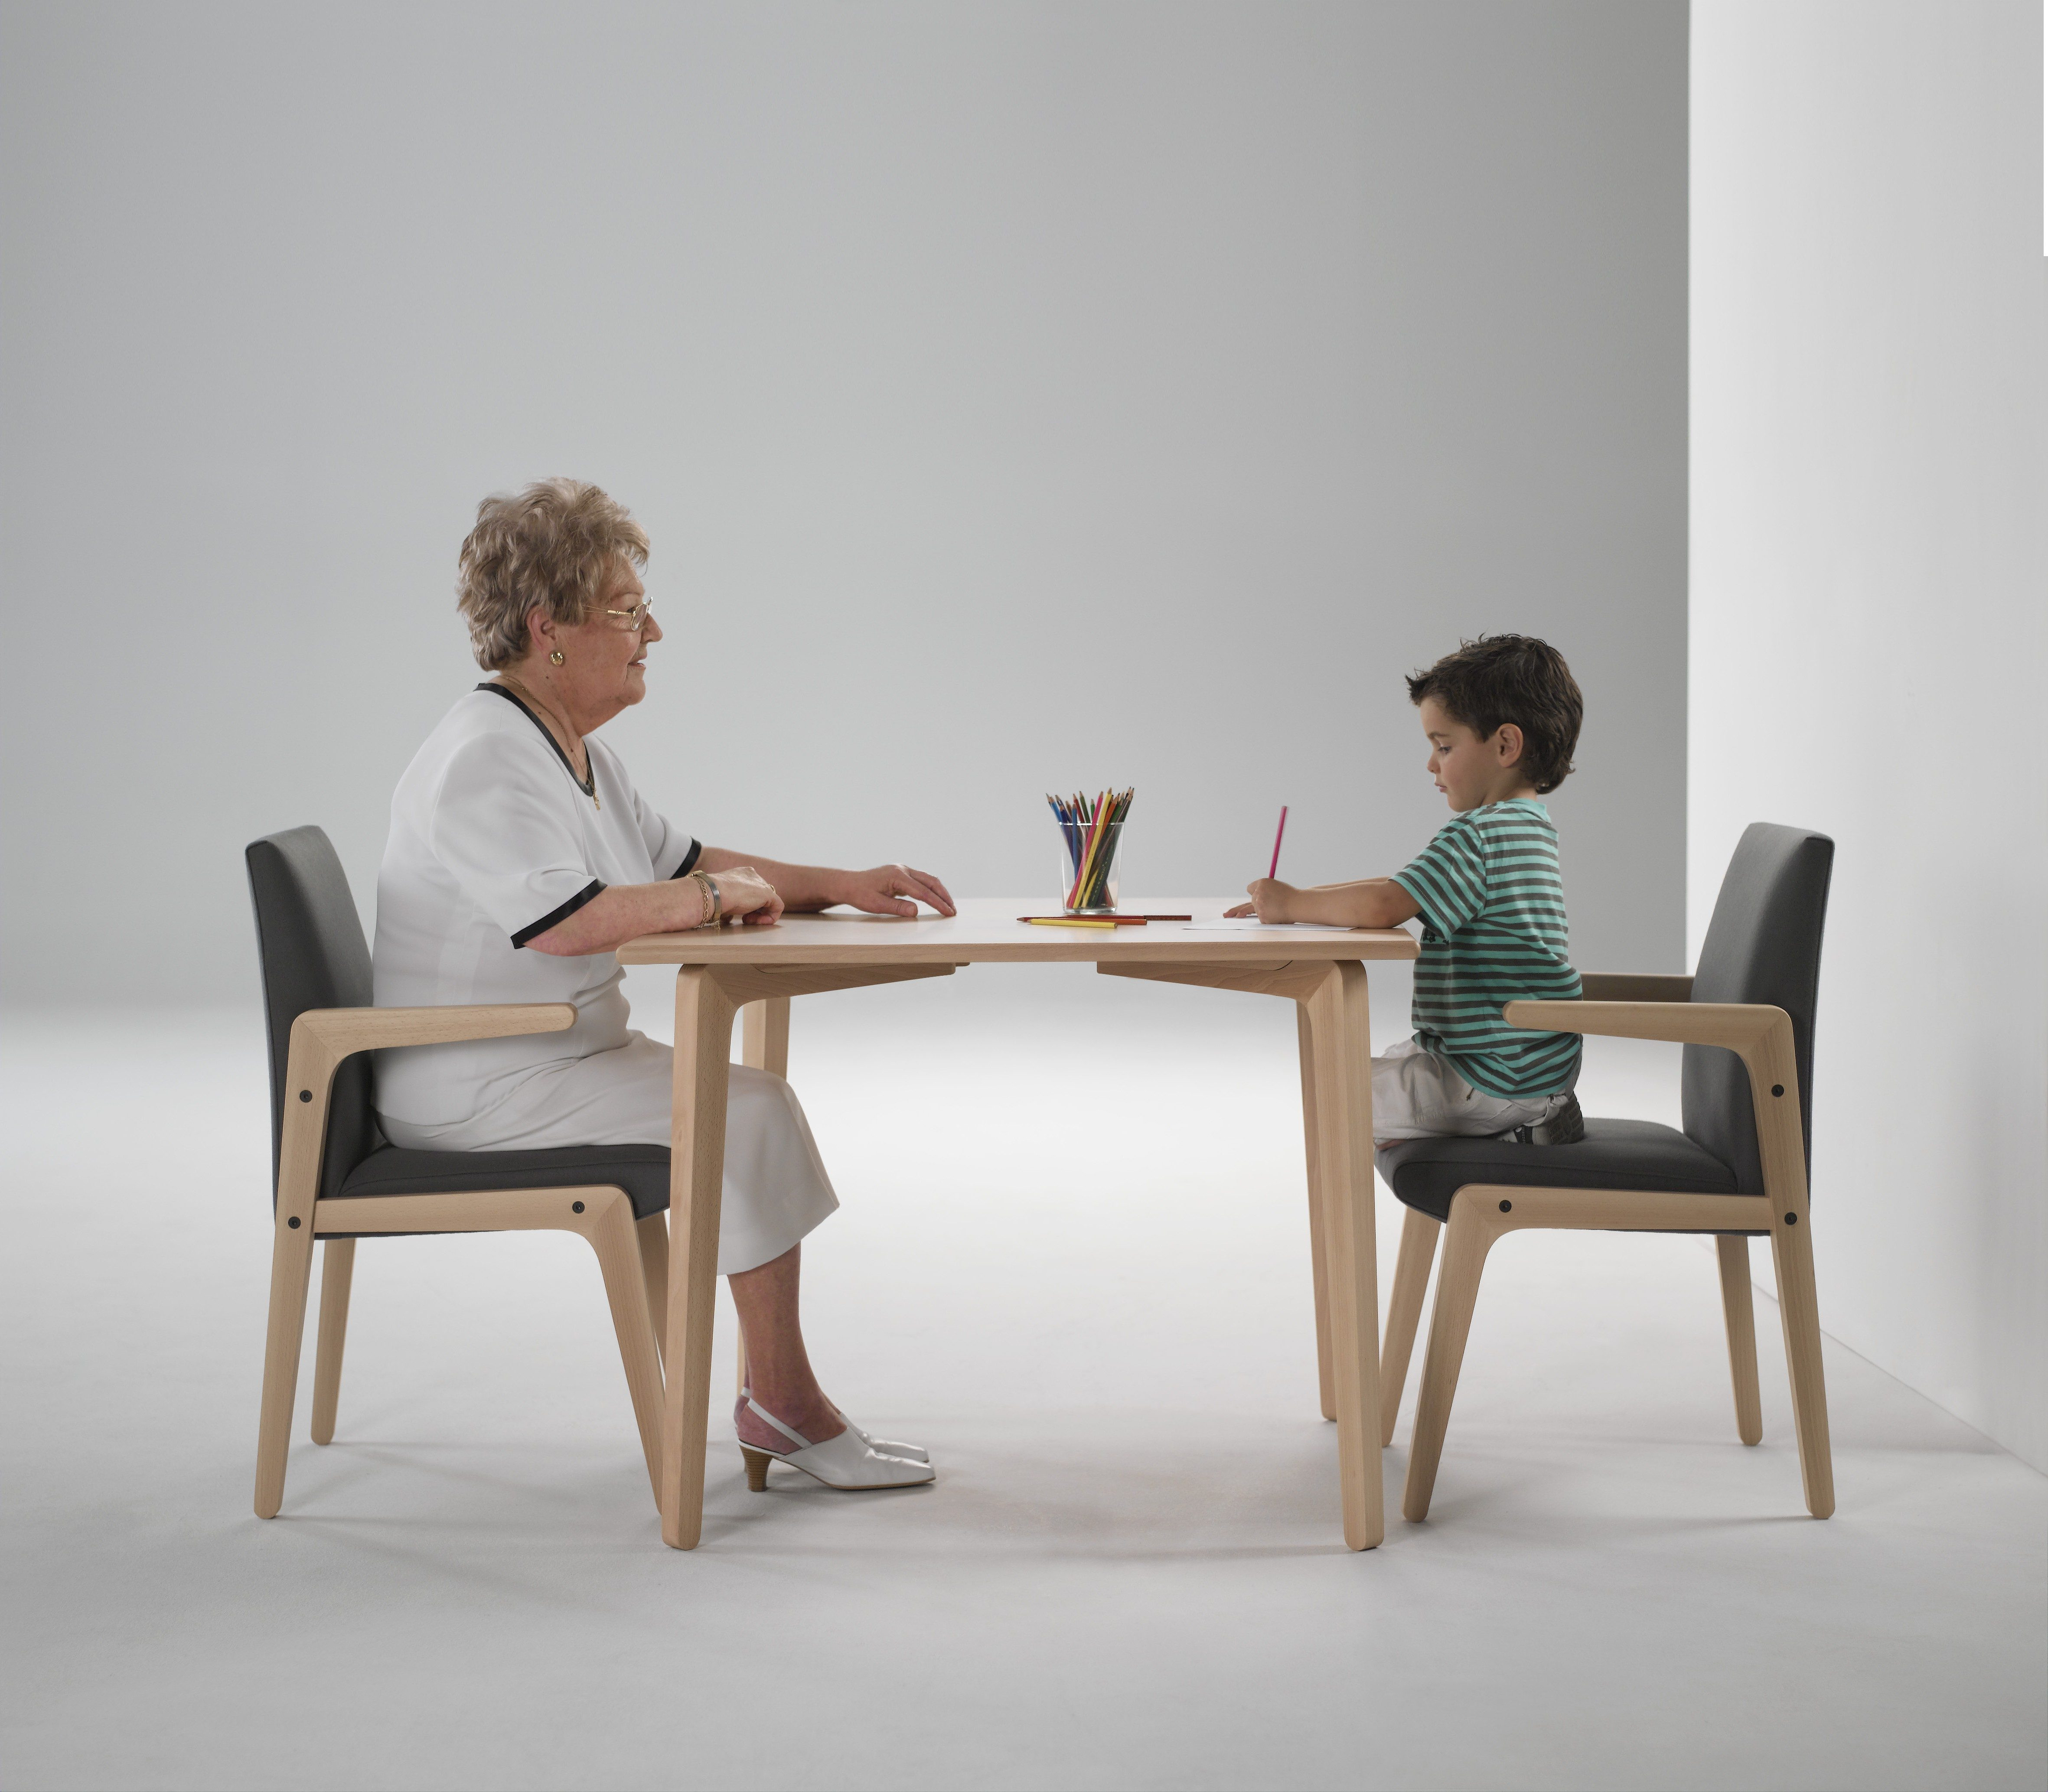 Ergonom a en el mobiliario para ancianos entorno saludable for Muebles ergonomicos